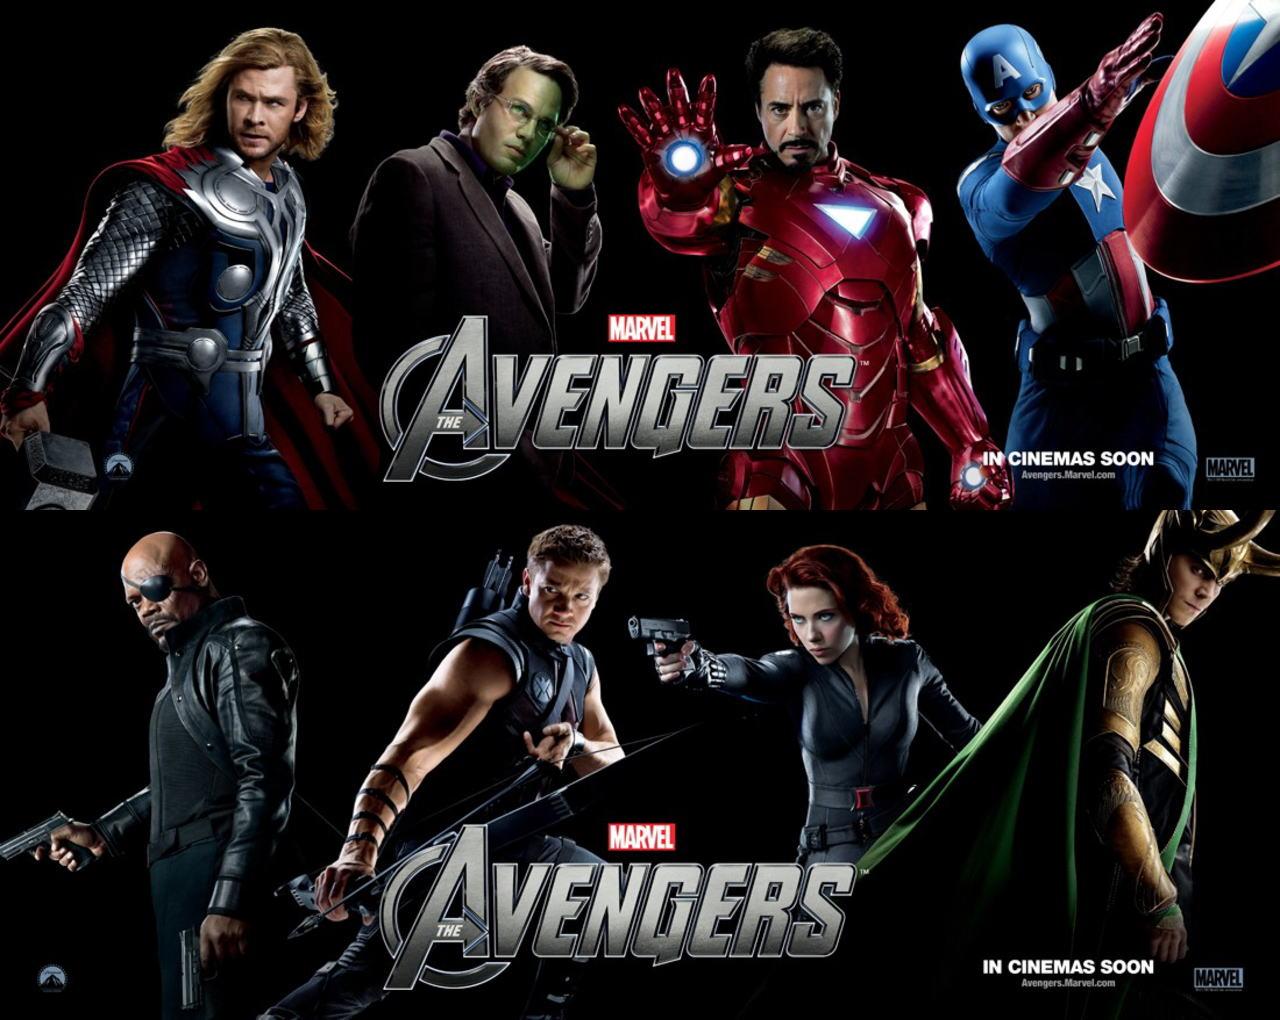 映画『アベンジャーズ THE AVENGERS』ポスター(8)▼ポスター画像クリックで拡大します。